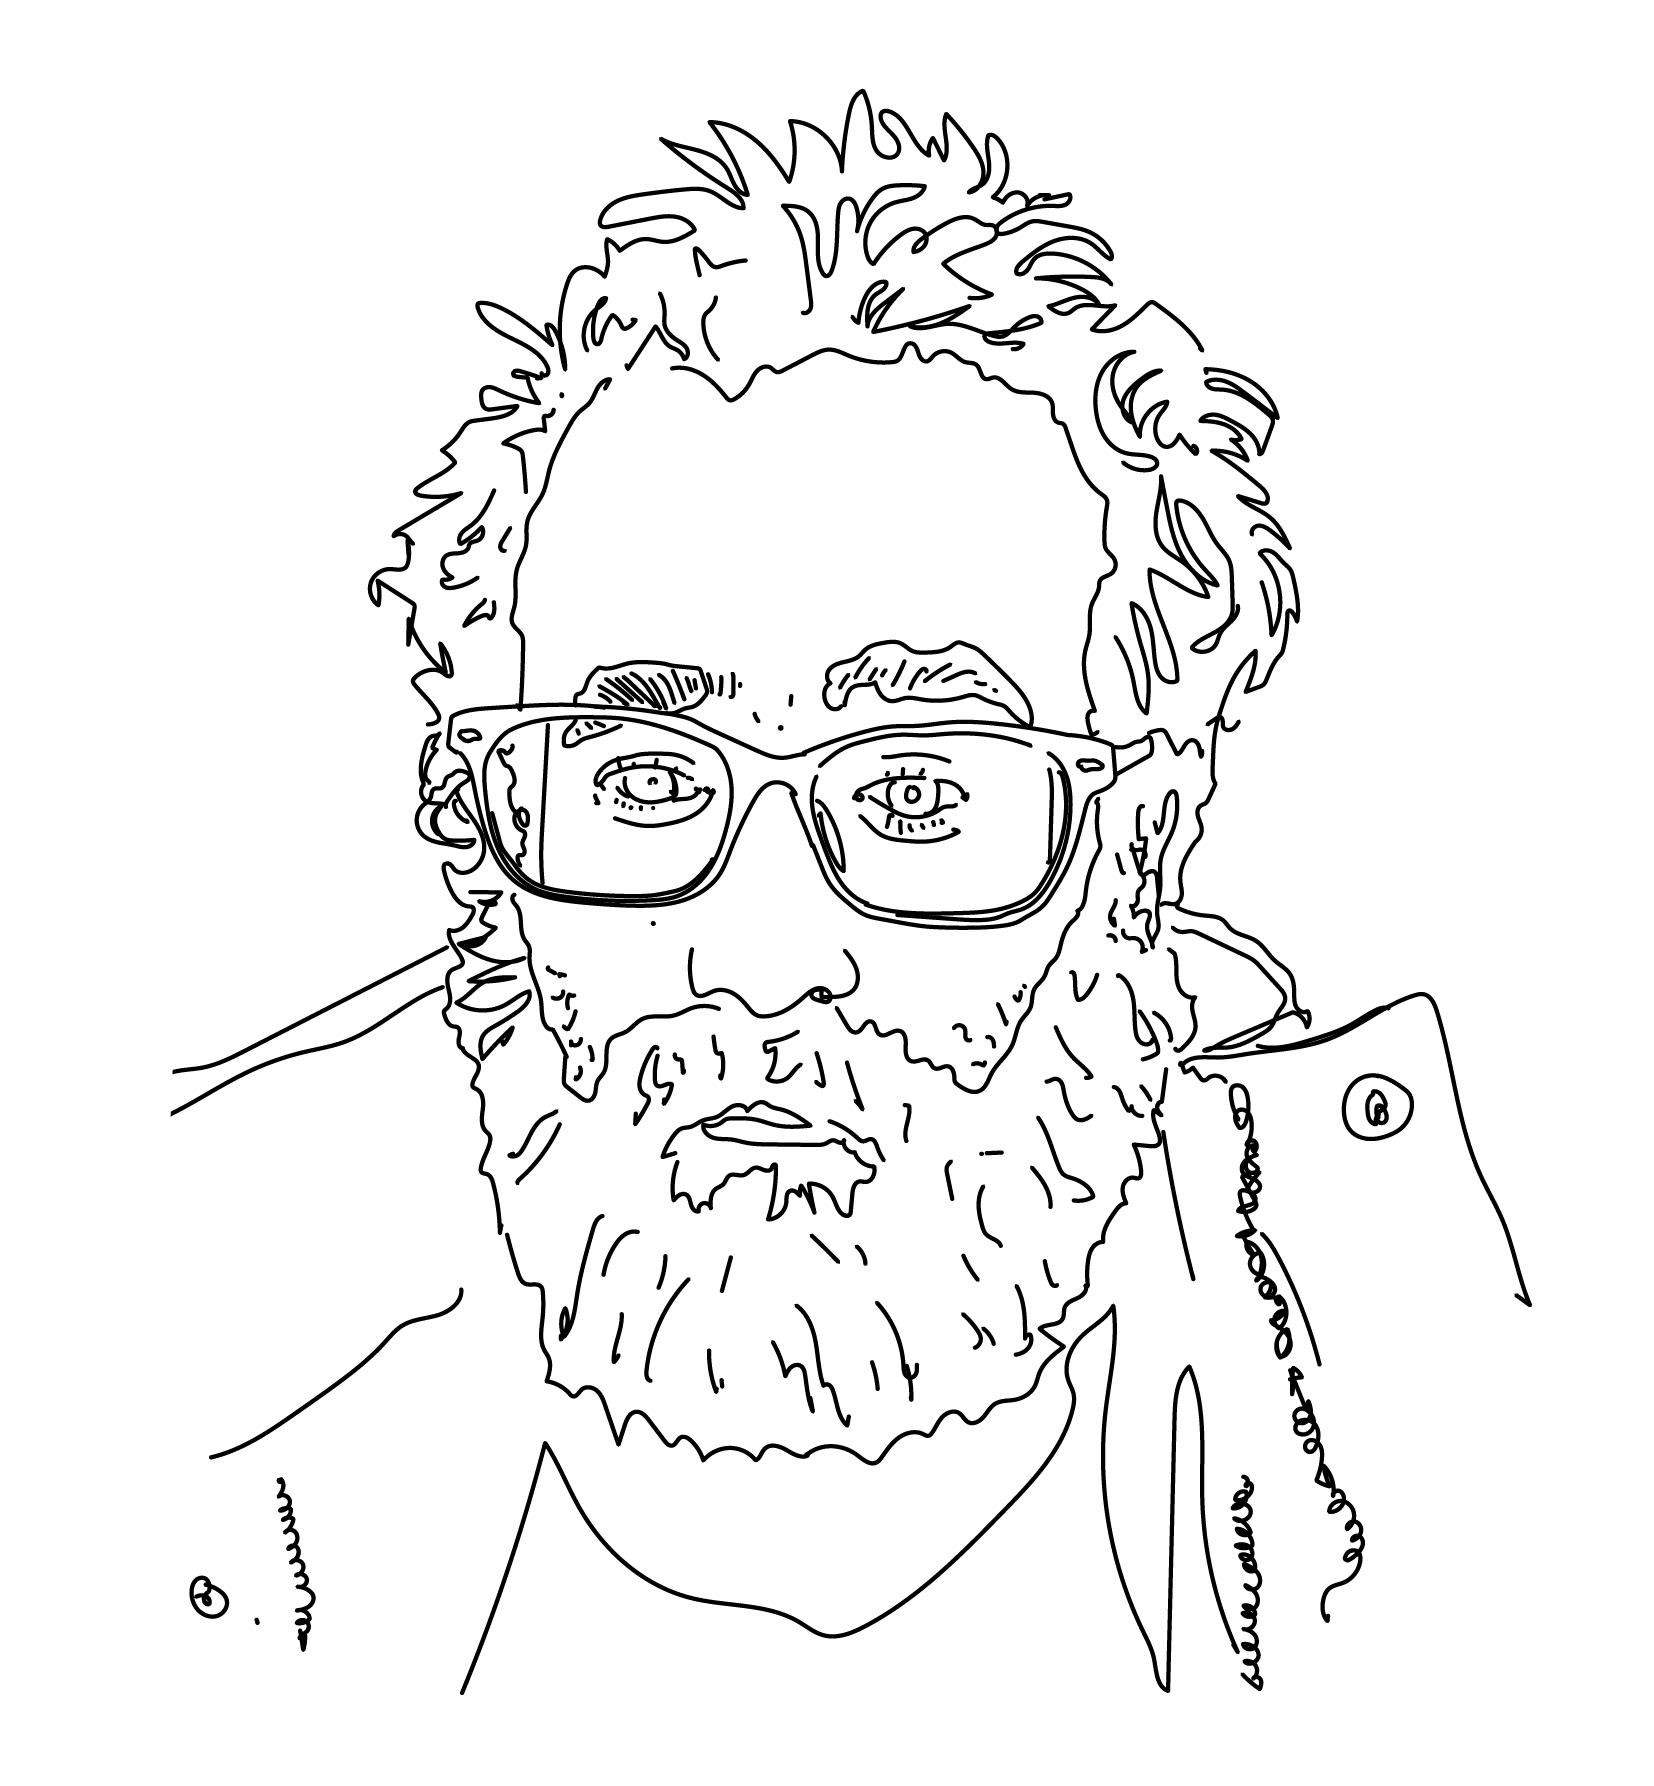 Illustration of Bernardo Robles Hidalgo